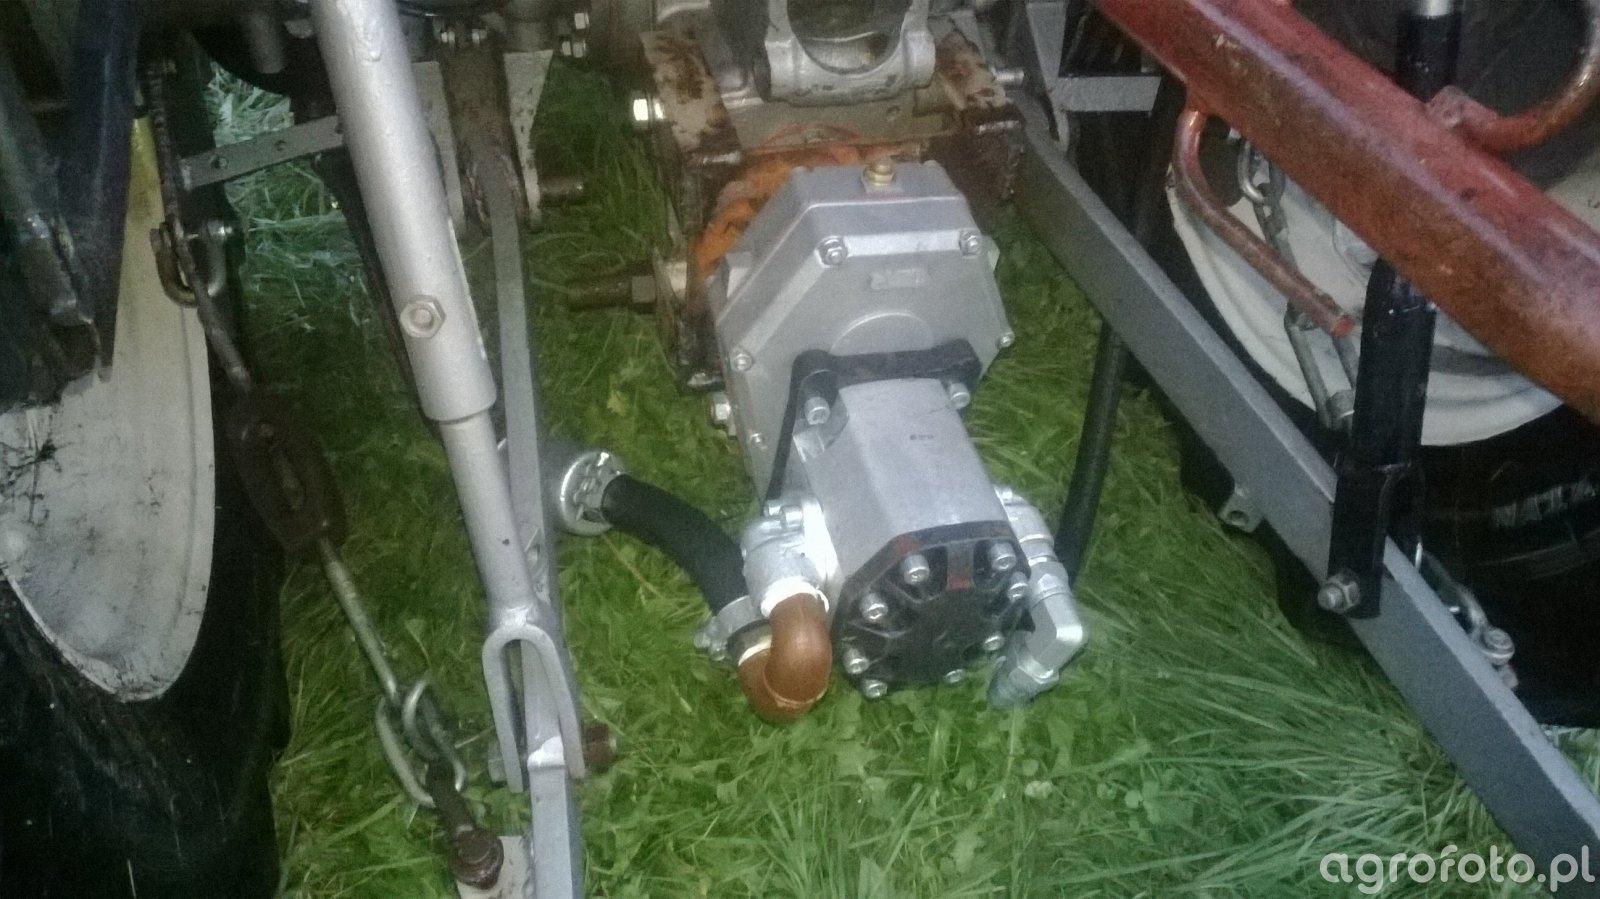 Hydraulika do tura